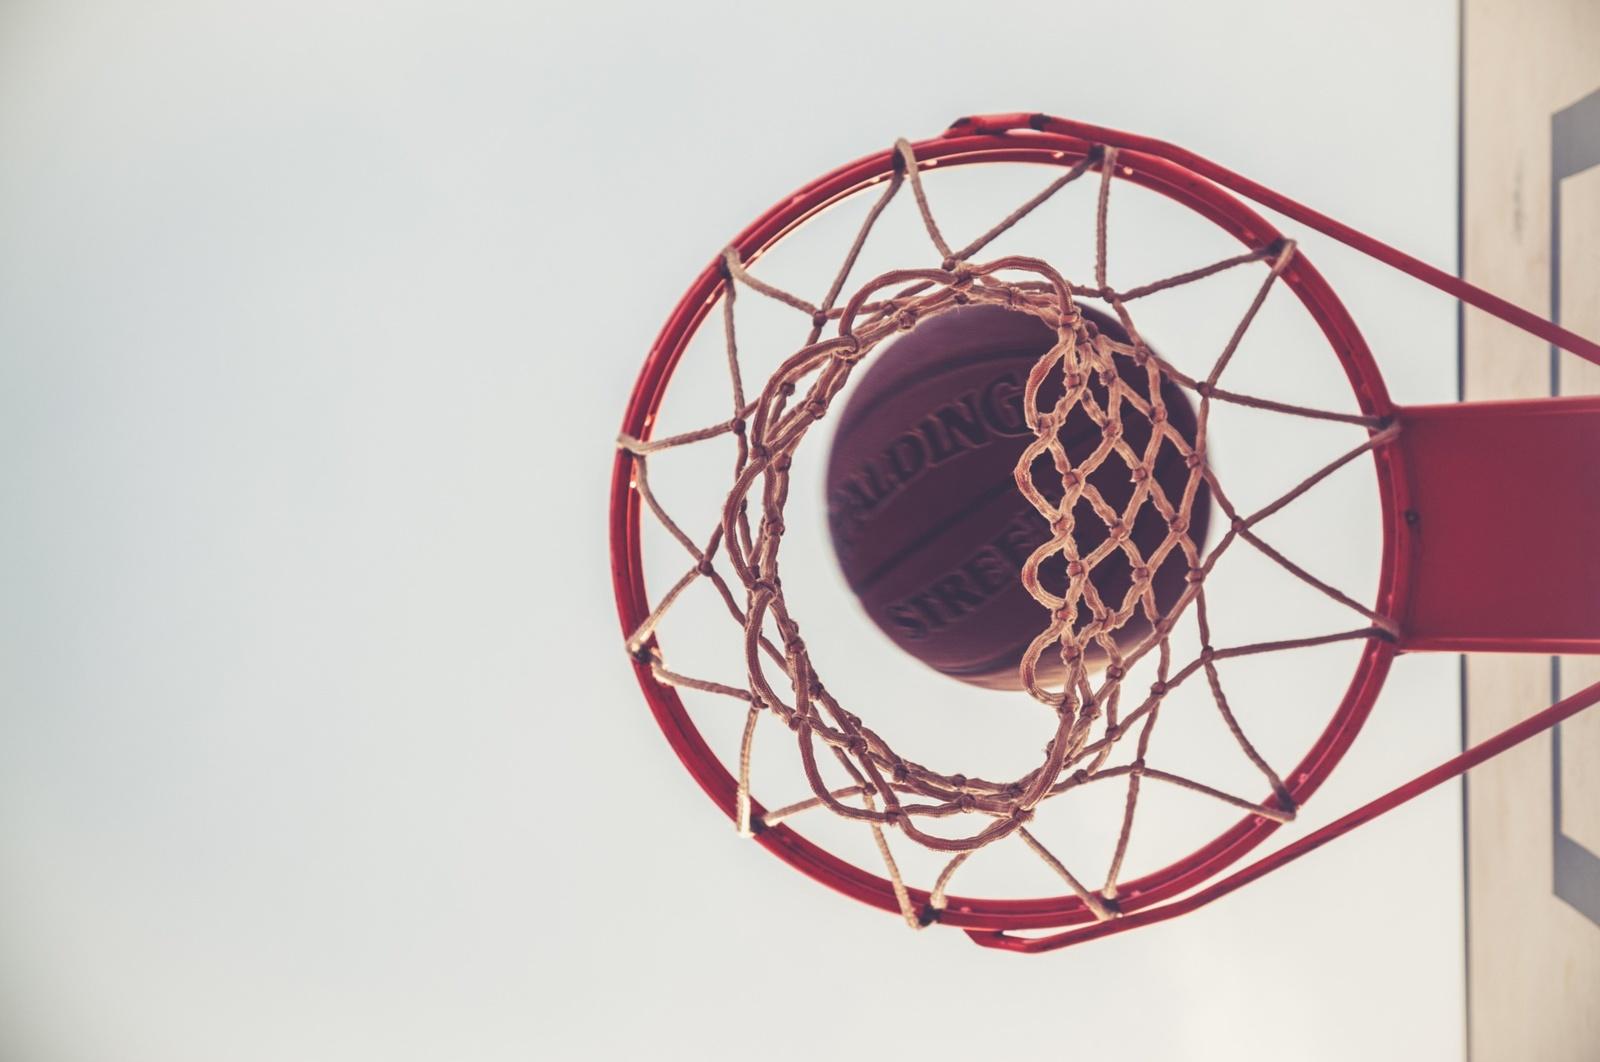 20-mečių krepšinio rinktinės treneris D. Kairys: kartelė iškelta aukštai